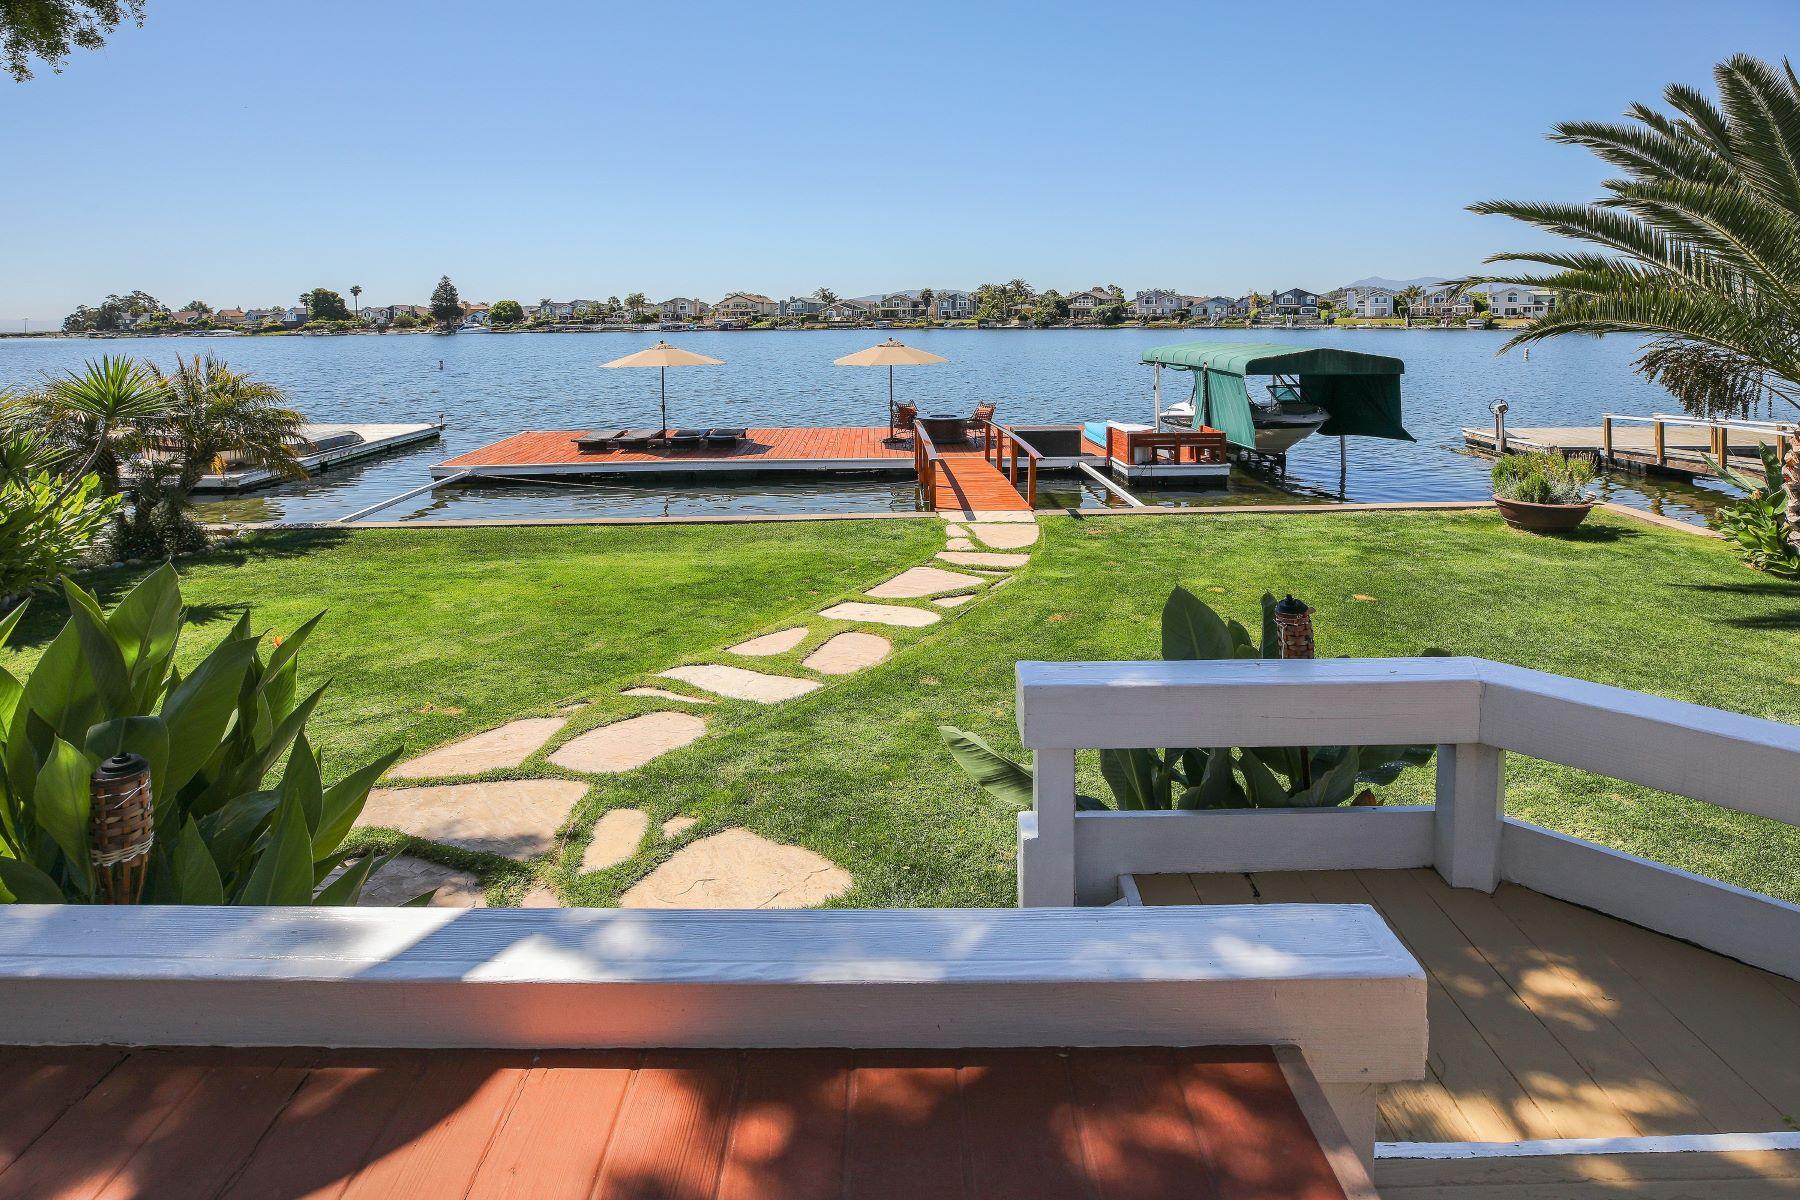 Частный односемейный дом для того Продажа на Gorgeous Single Level Home on the Water 1040 Bel Marin Keys Blvd Novato, Калифорния 94949 Соединенные Штаты